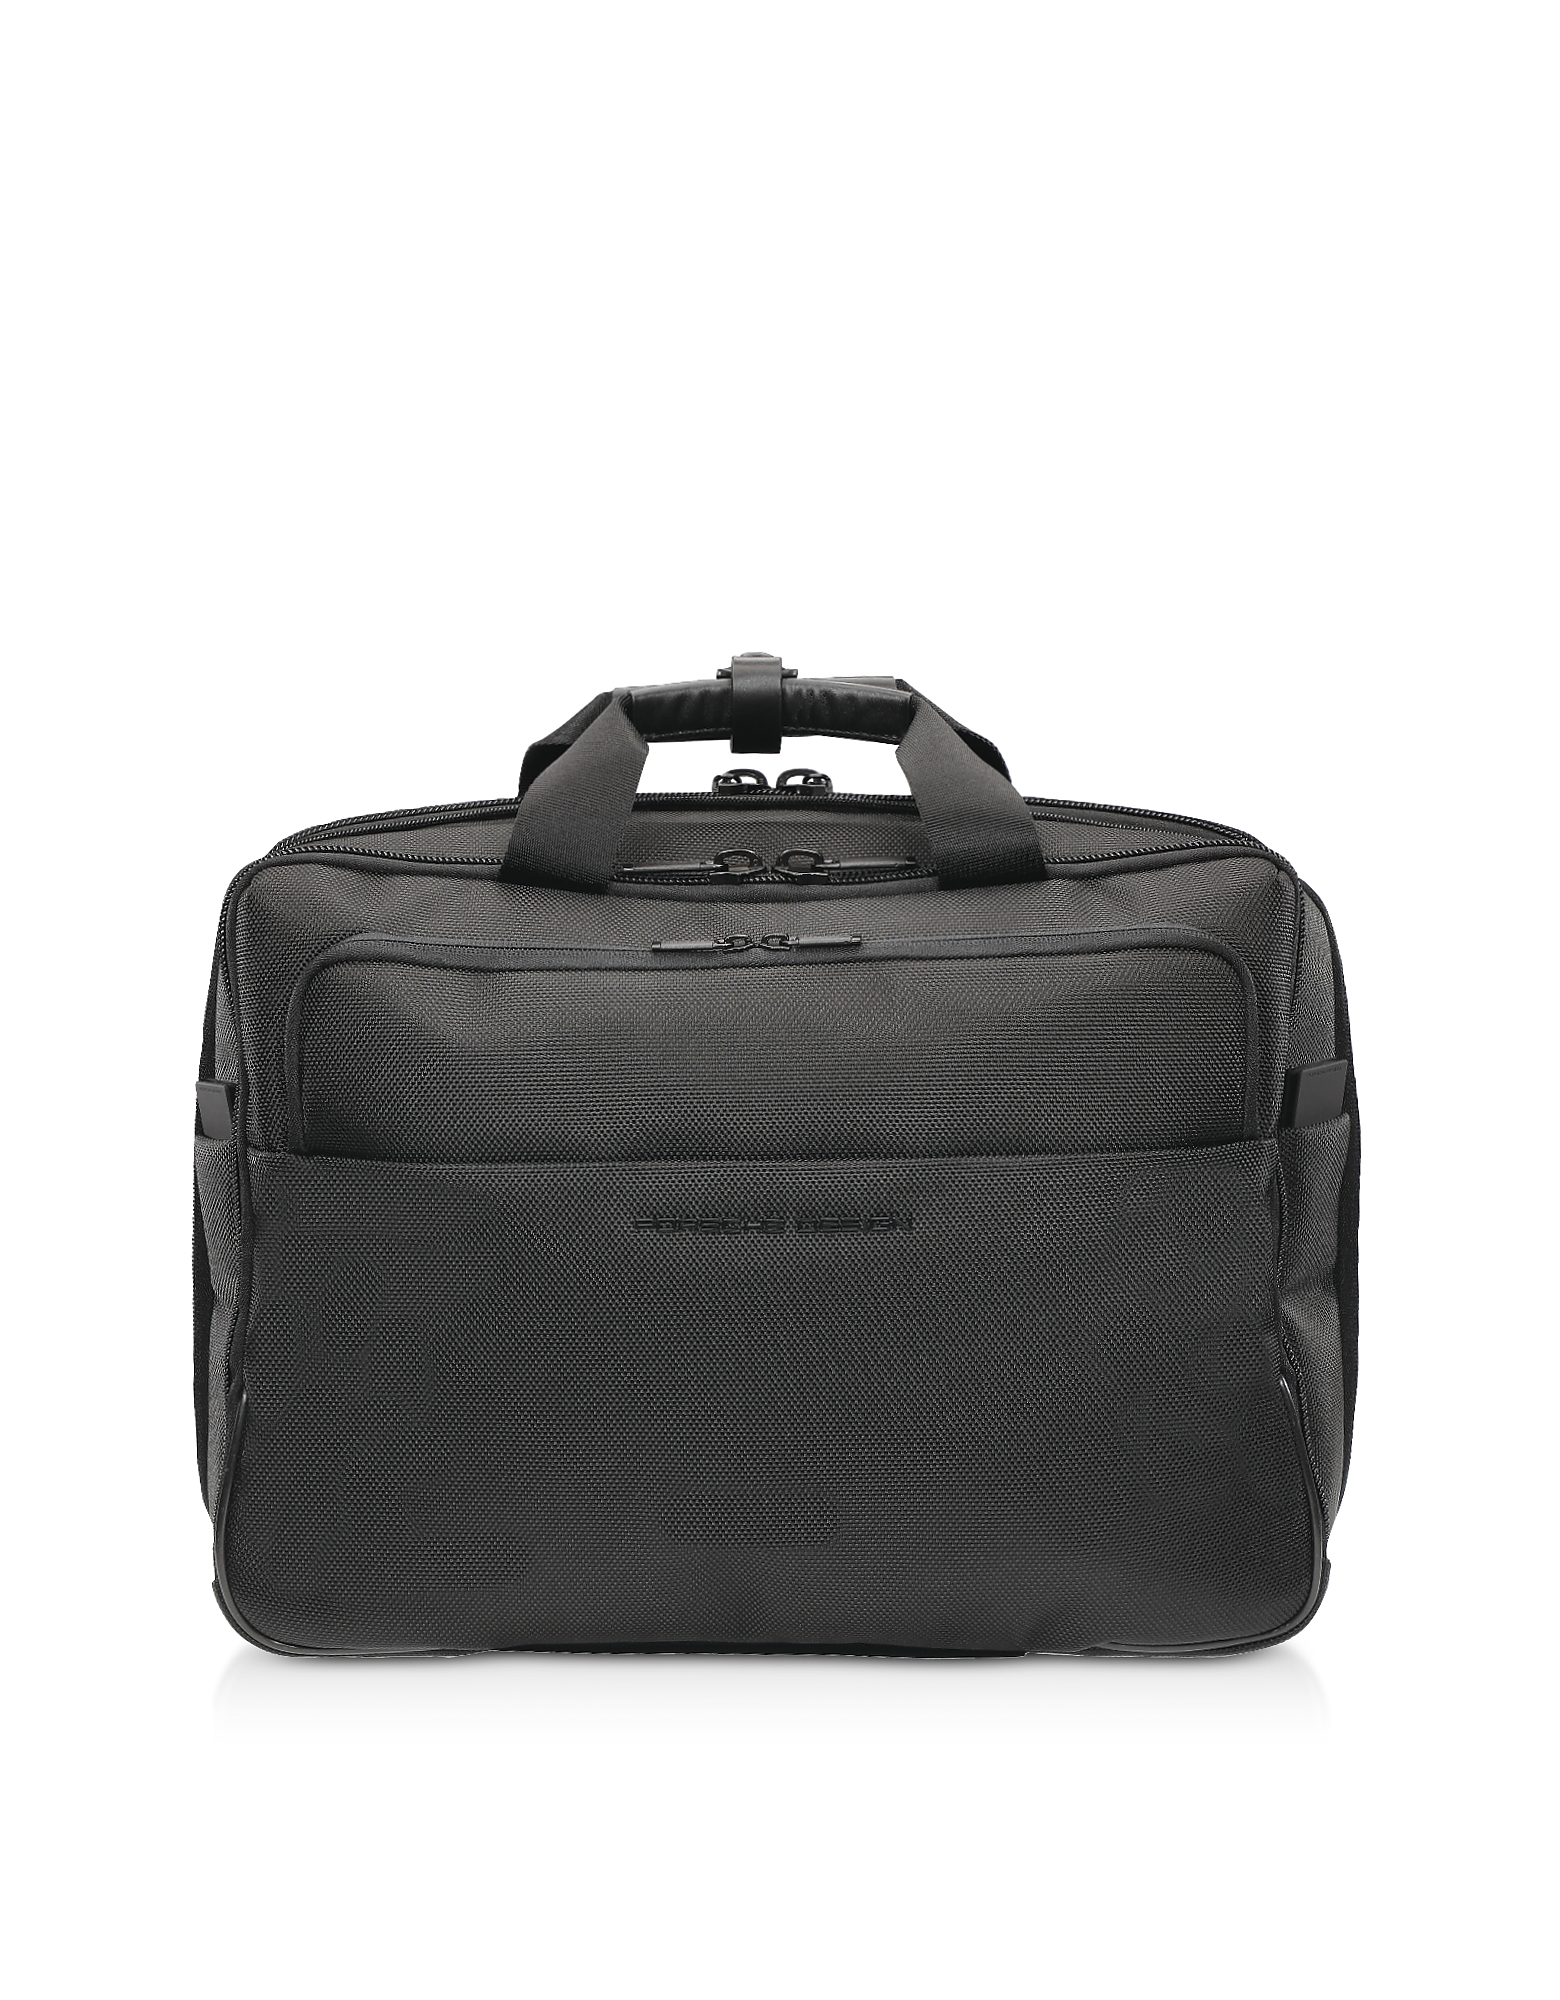 Roadster 4.0 xlhz Briefbag, Black